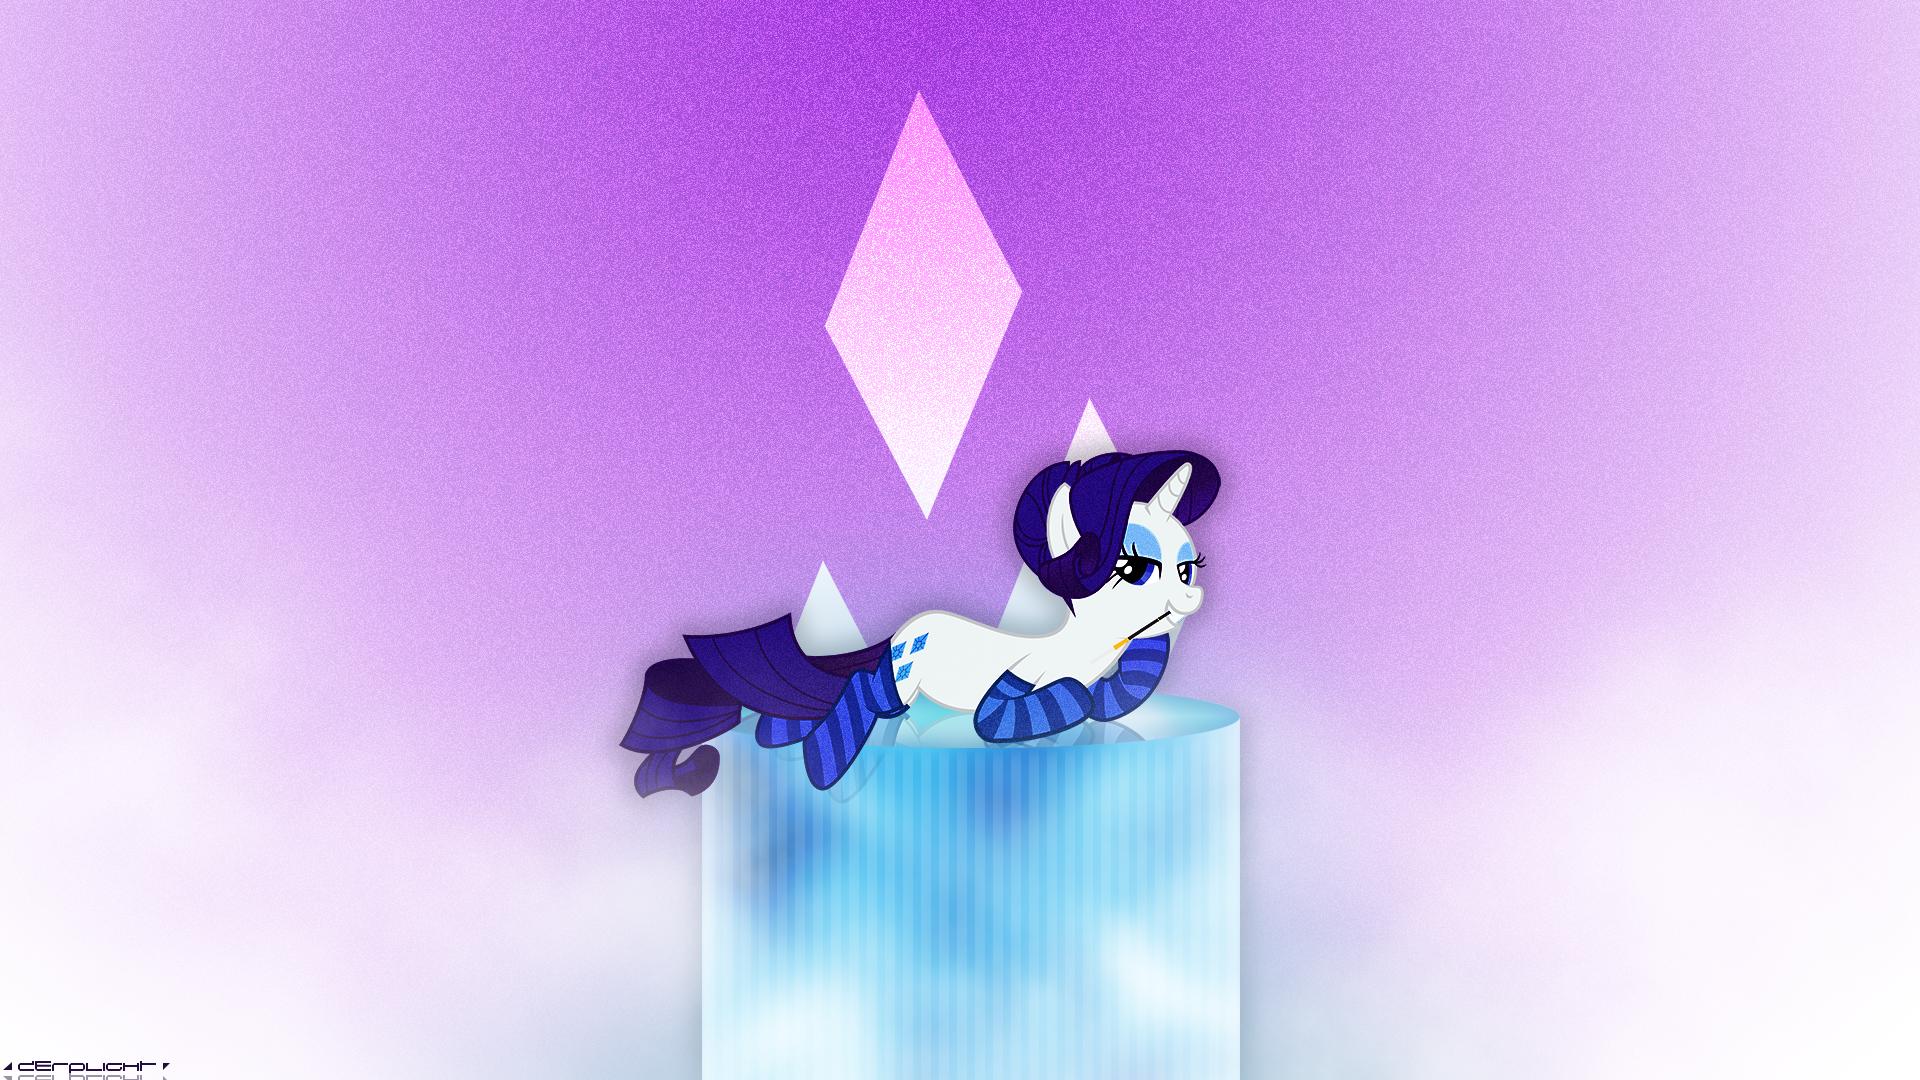 Sapphire by DerpLight, Hawk9mm and zakbo1337